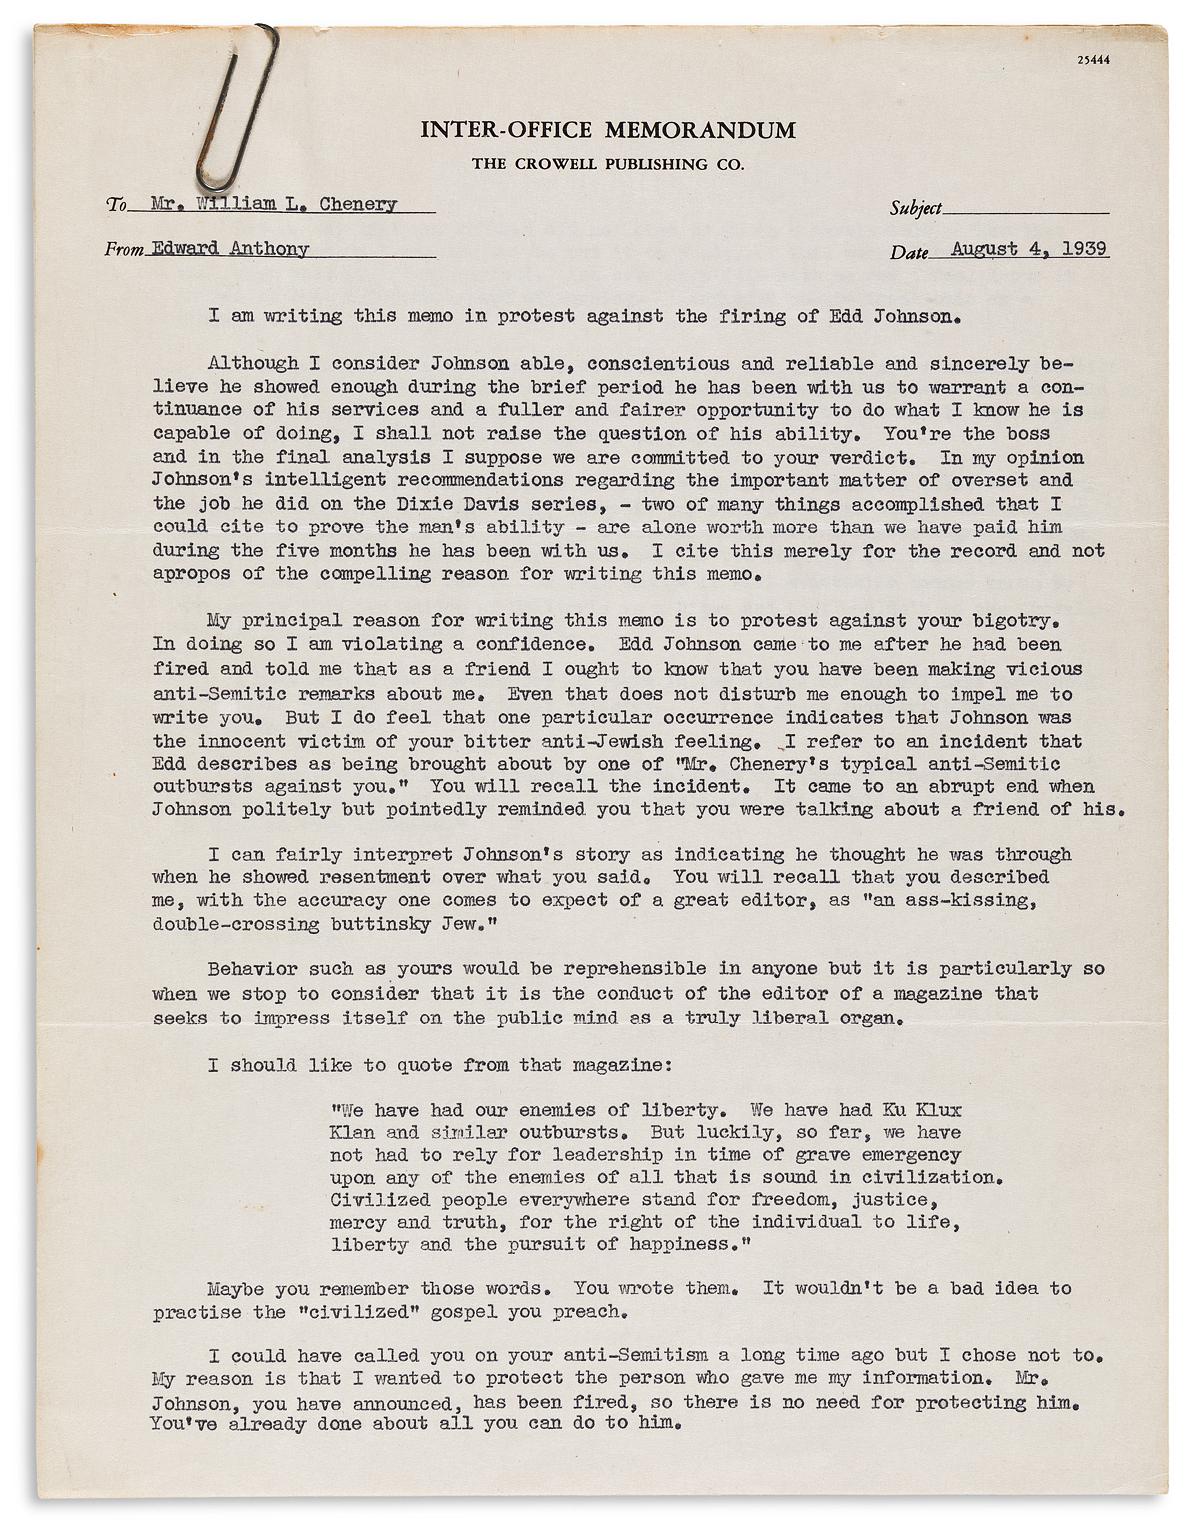 (PUBLISHING)-Personal-correspondence-of-Edward-Anthony-publi